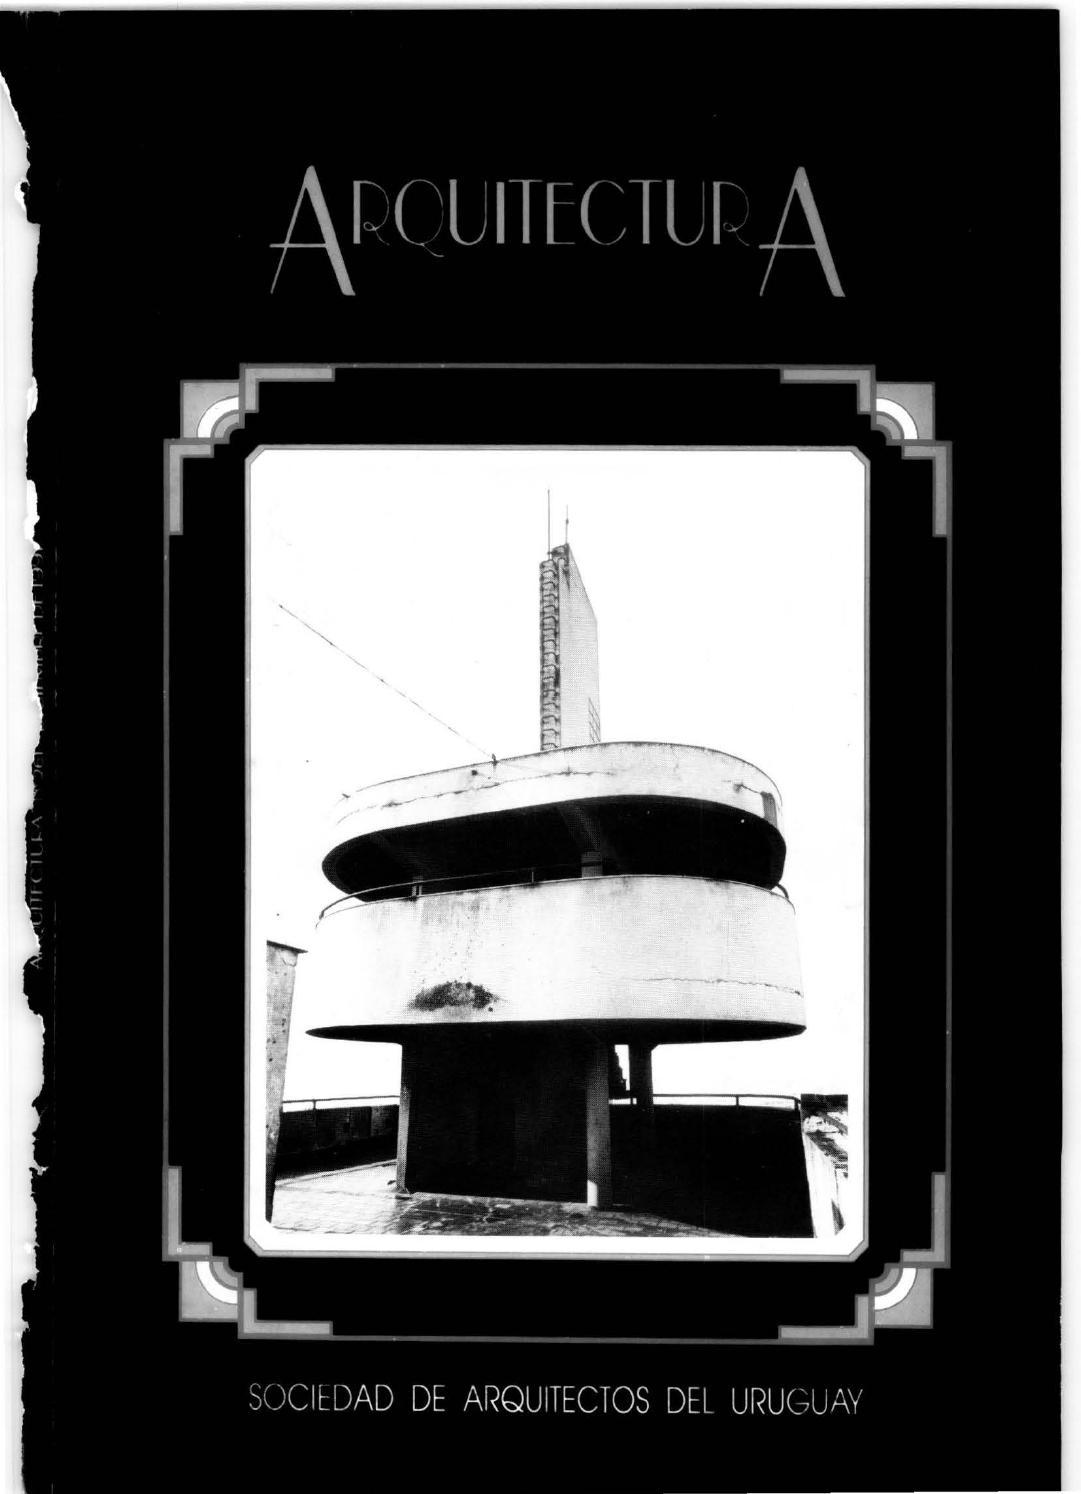 Arquitectura 261 1991 by sociedad de arquitectos del uruguay sau issuu - Sociedad de arquitectos ...